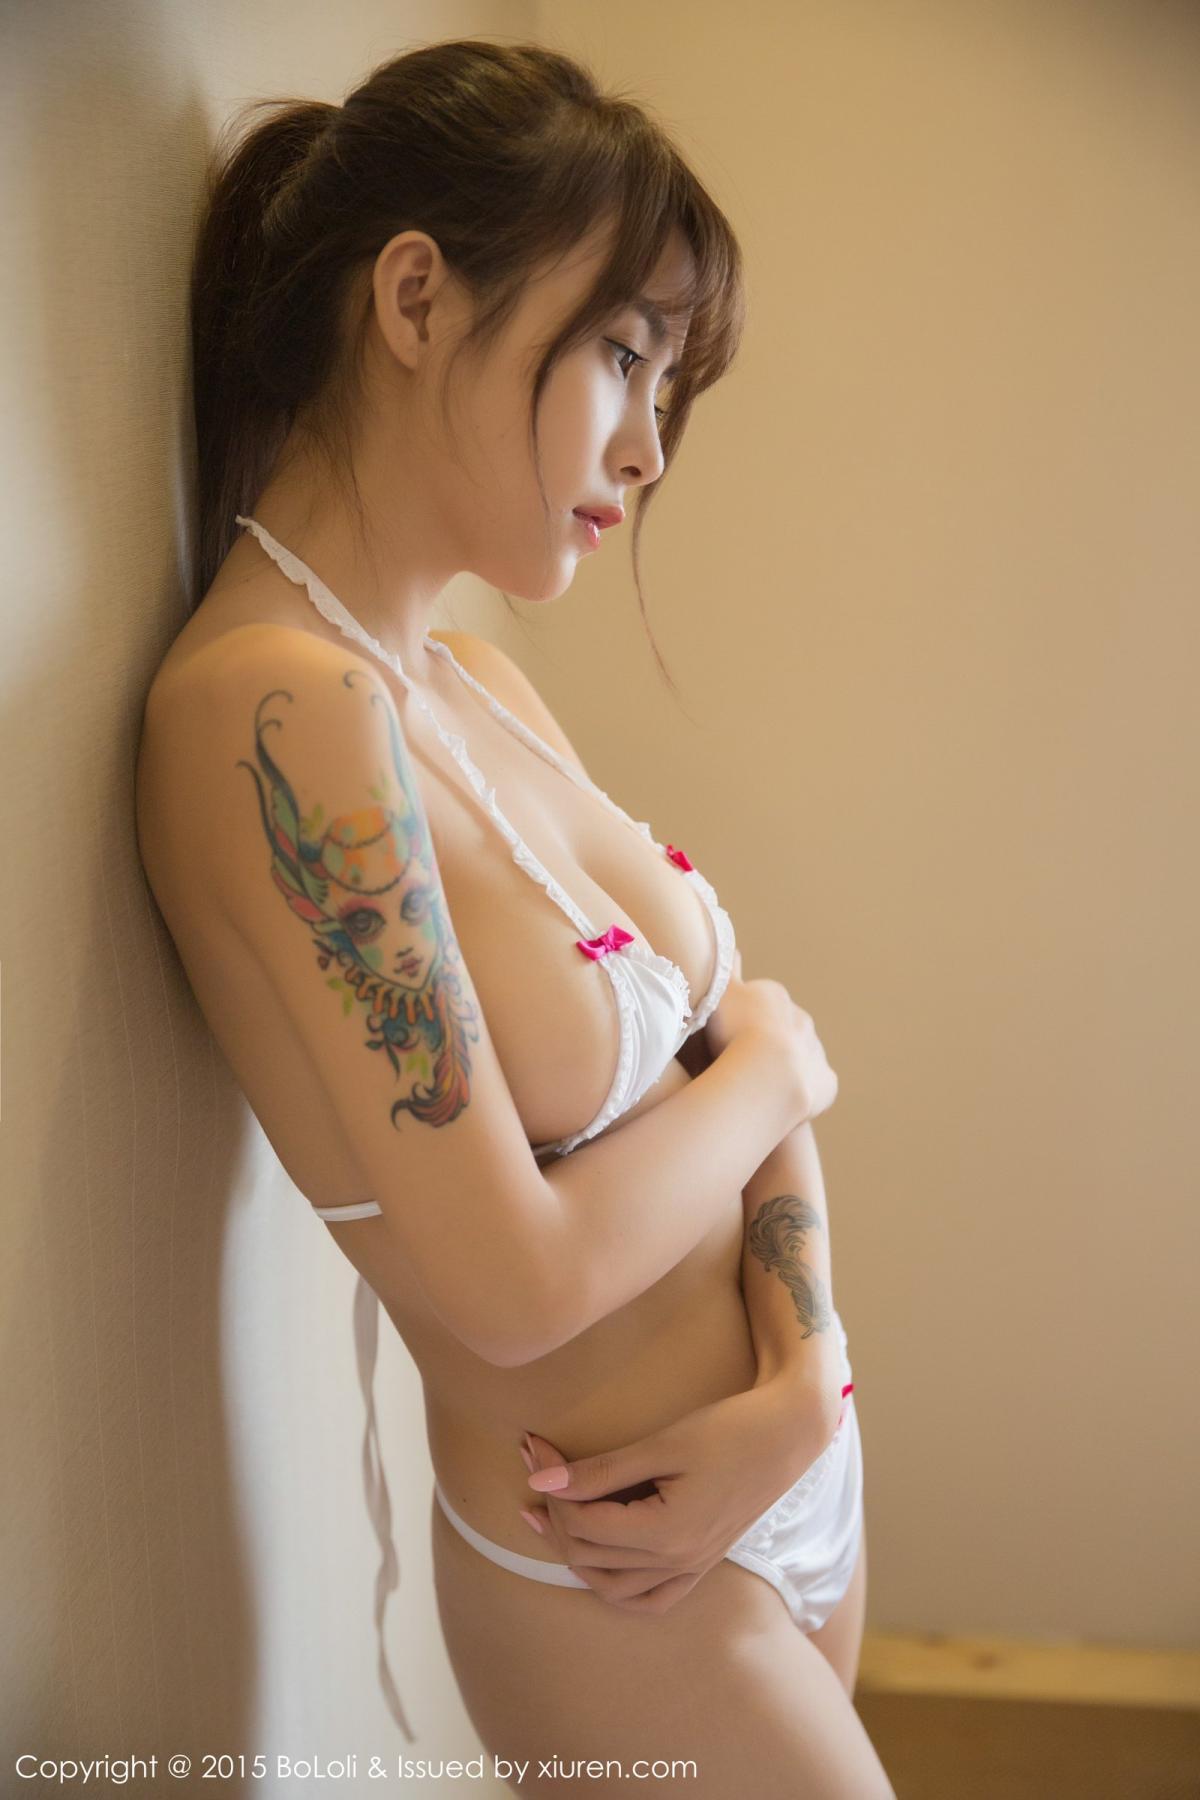 [Bololi] Vol.063 Xia Mei Jiang